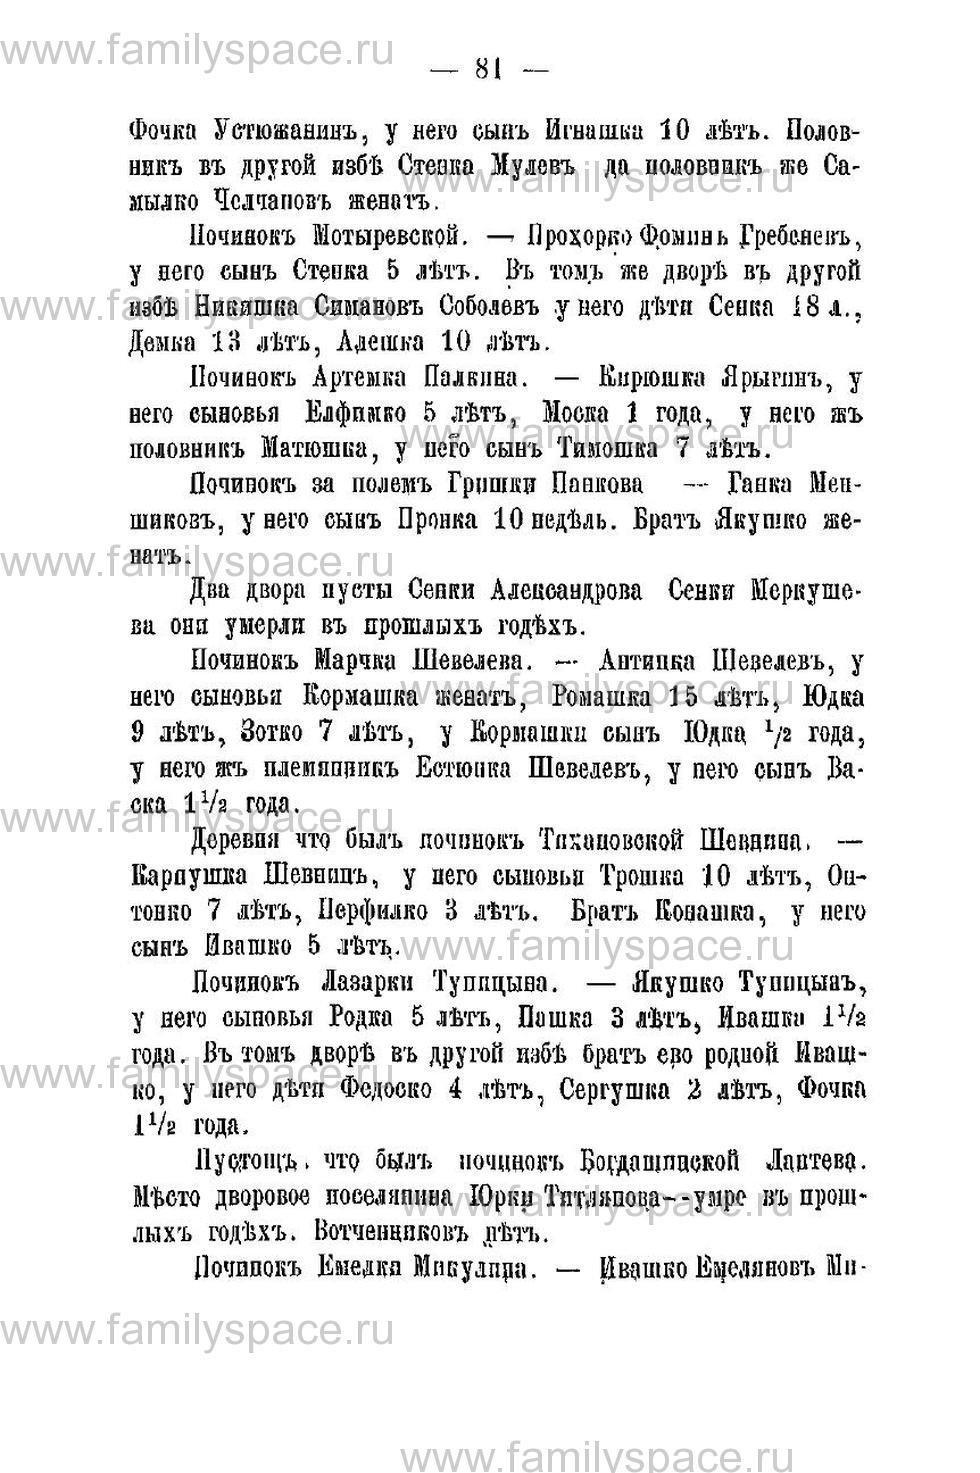 Поиск по фамилии - Переписная книга Орлова и волостей 1678 г, страница 77